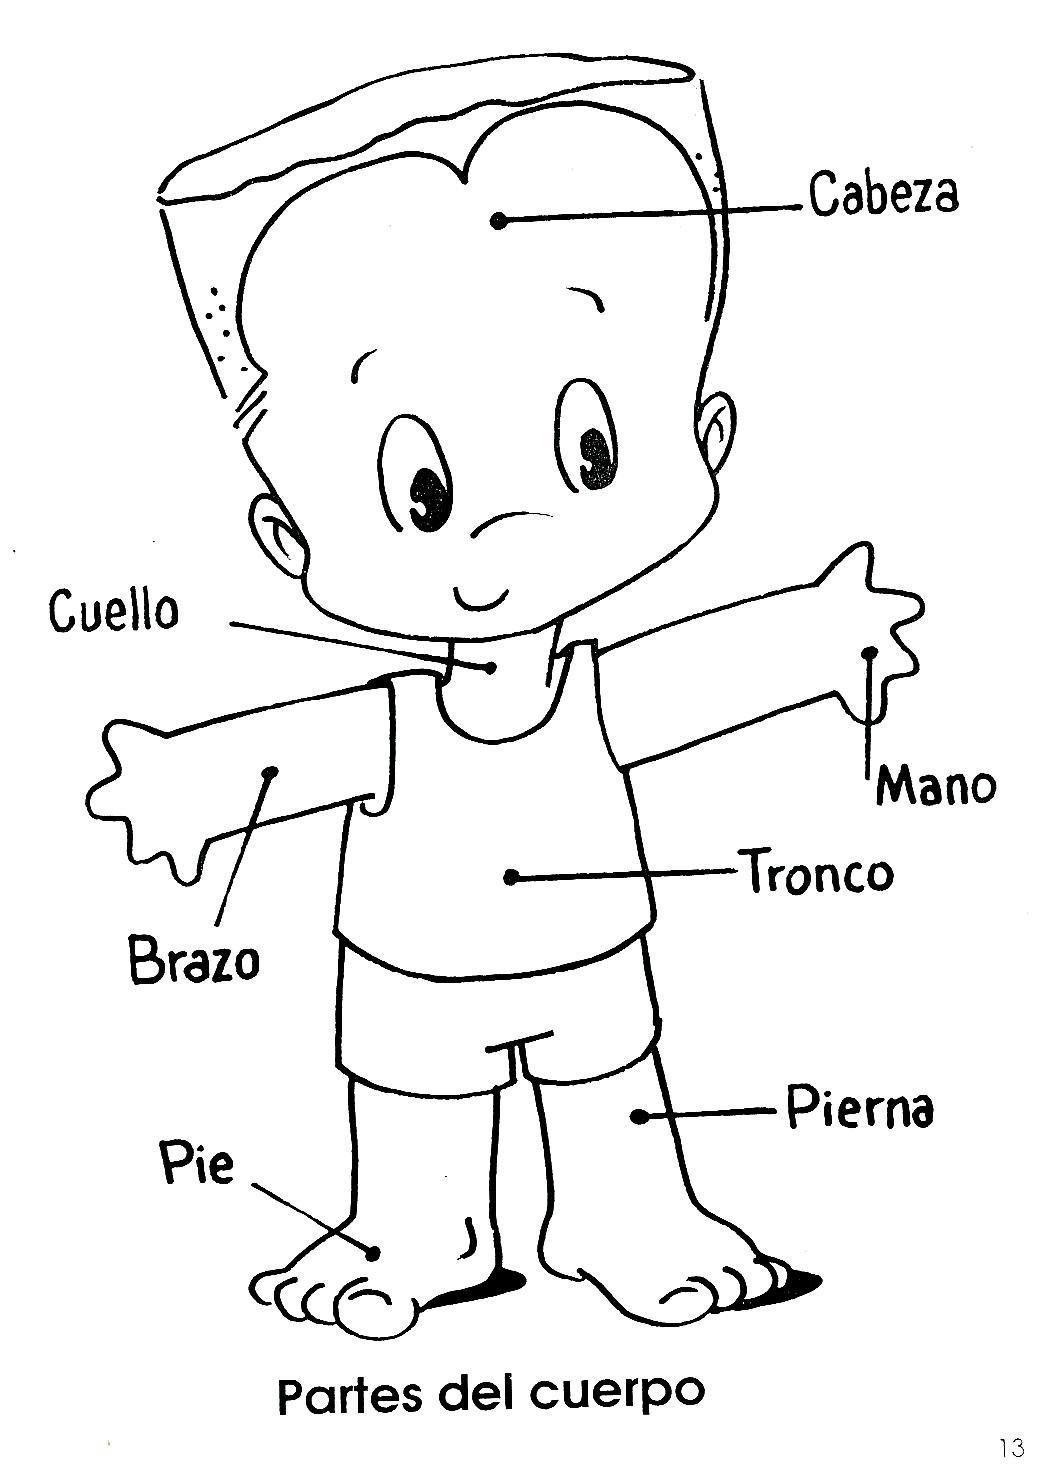 Fichas del cuerpo humano para infantil